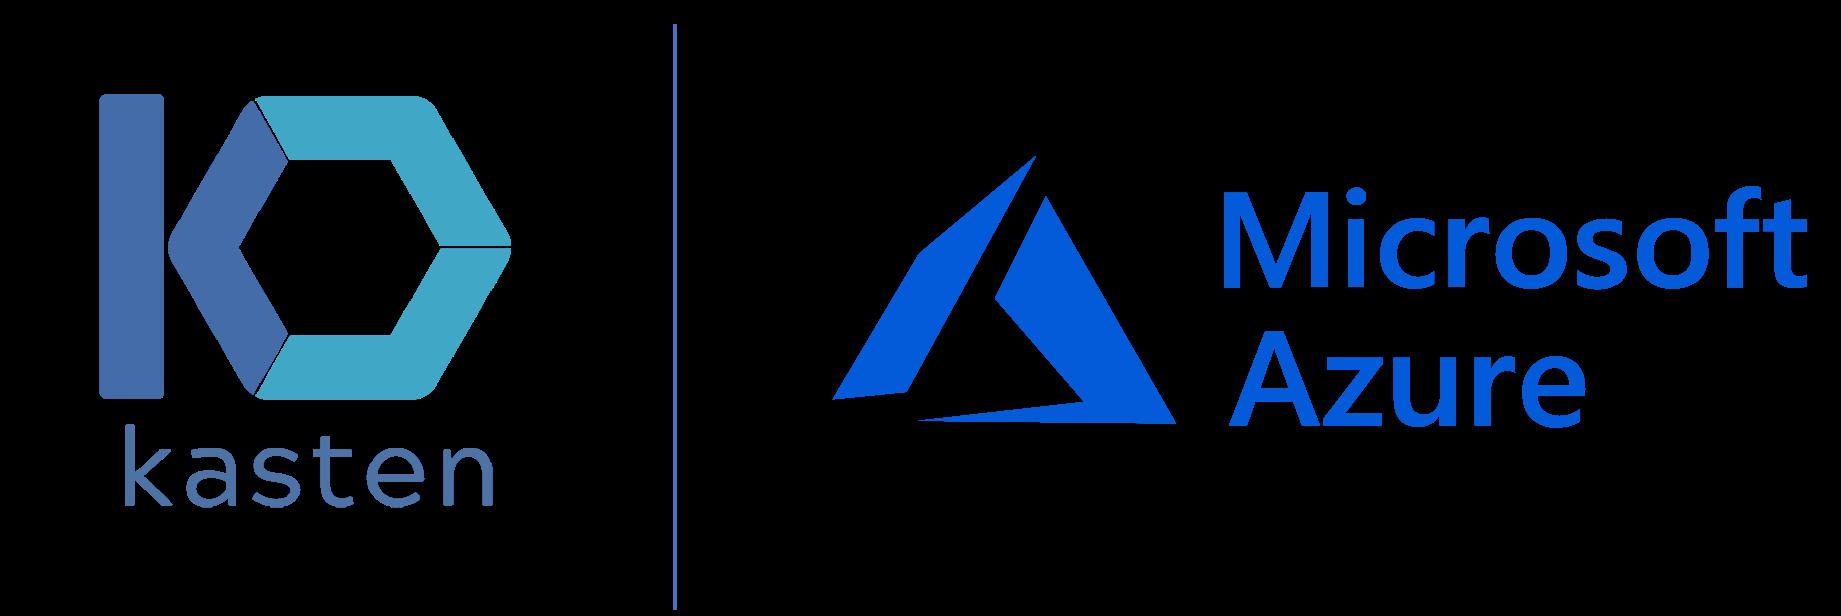 microsoft-azure-with-kasten-k10 logos